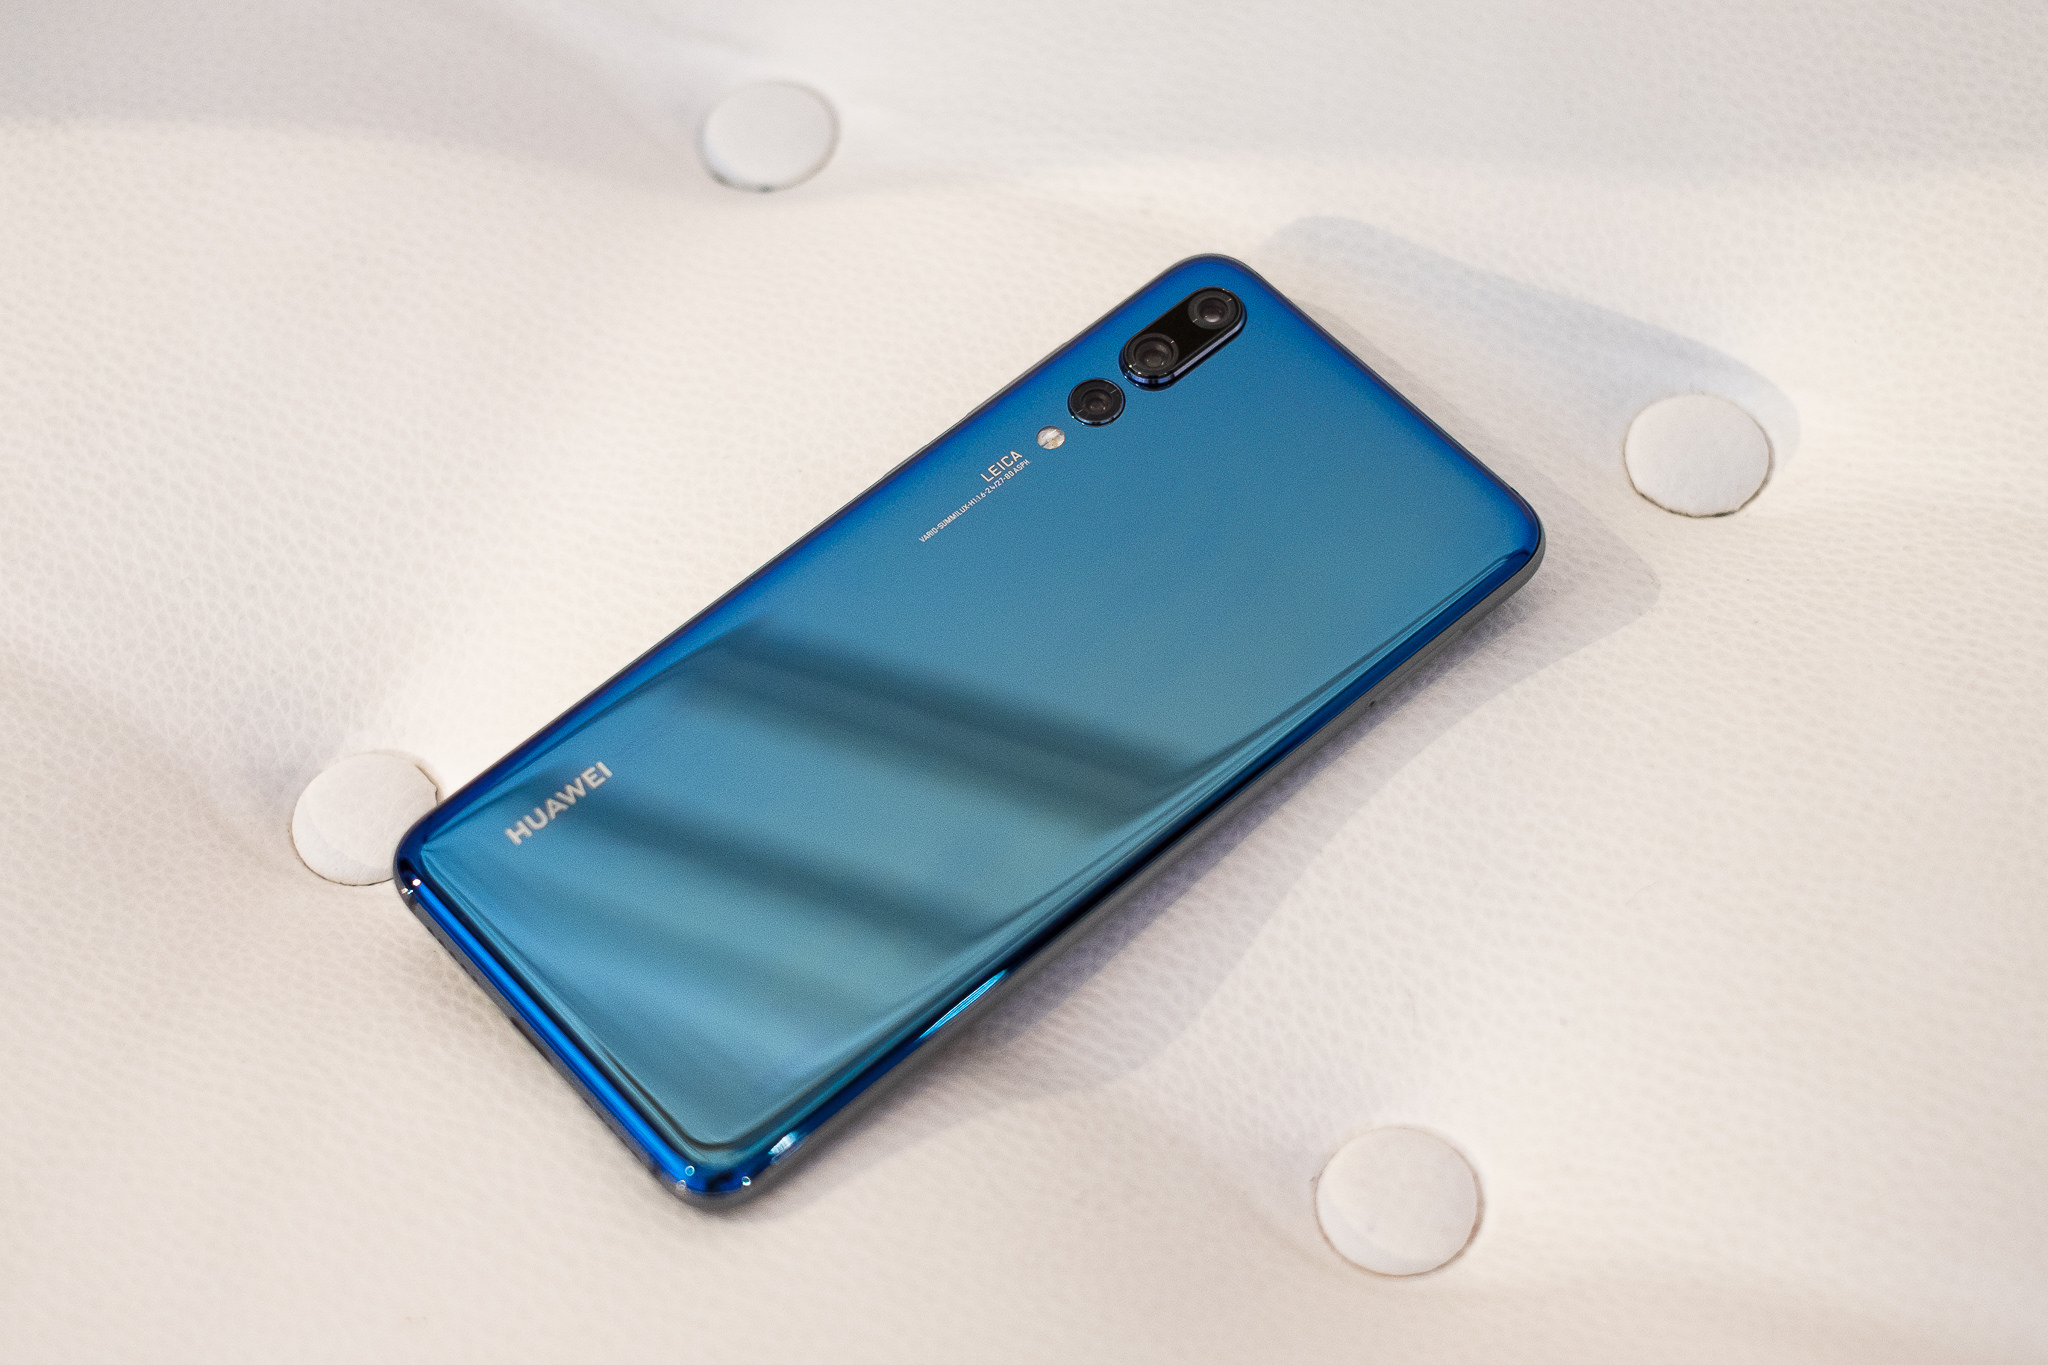 Huawei P20/P20 Pro